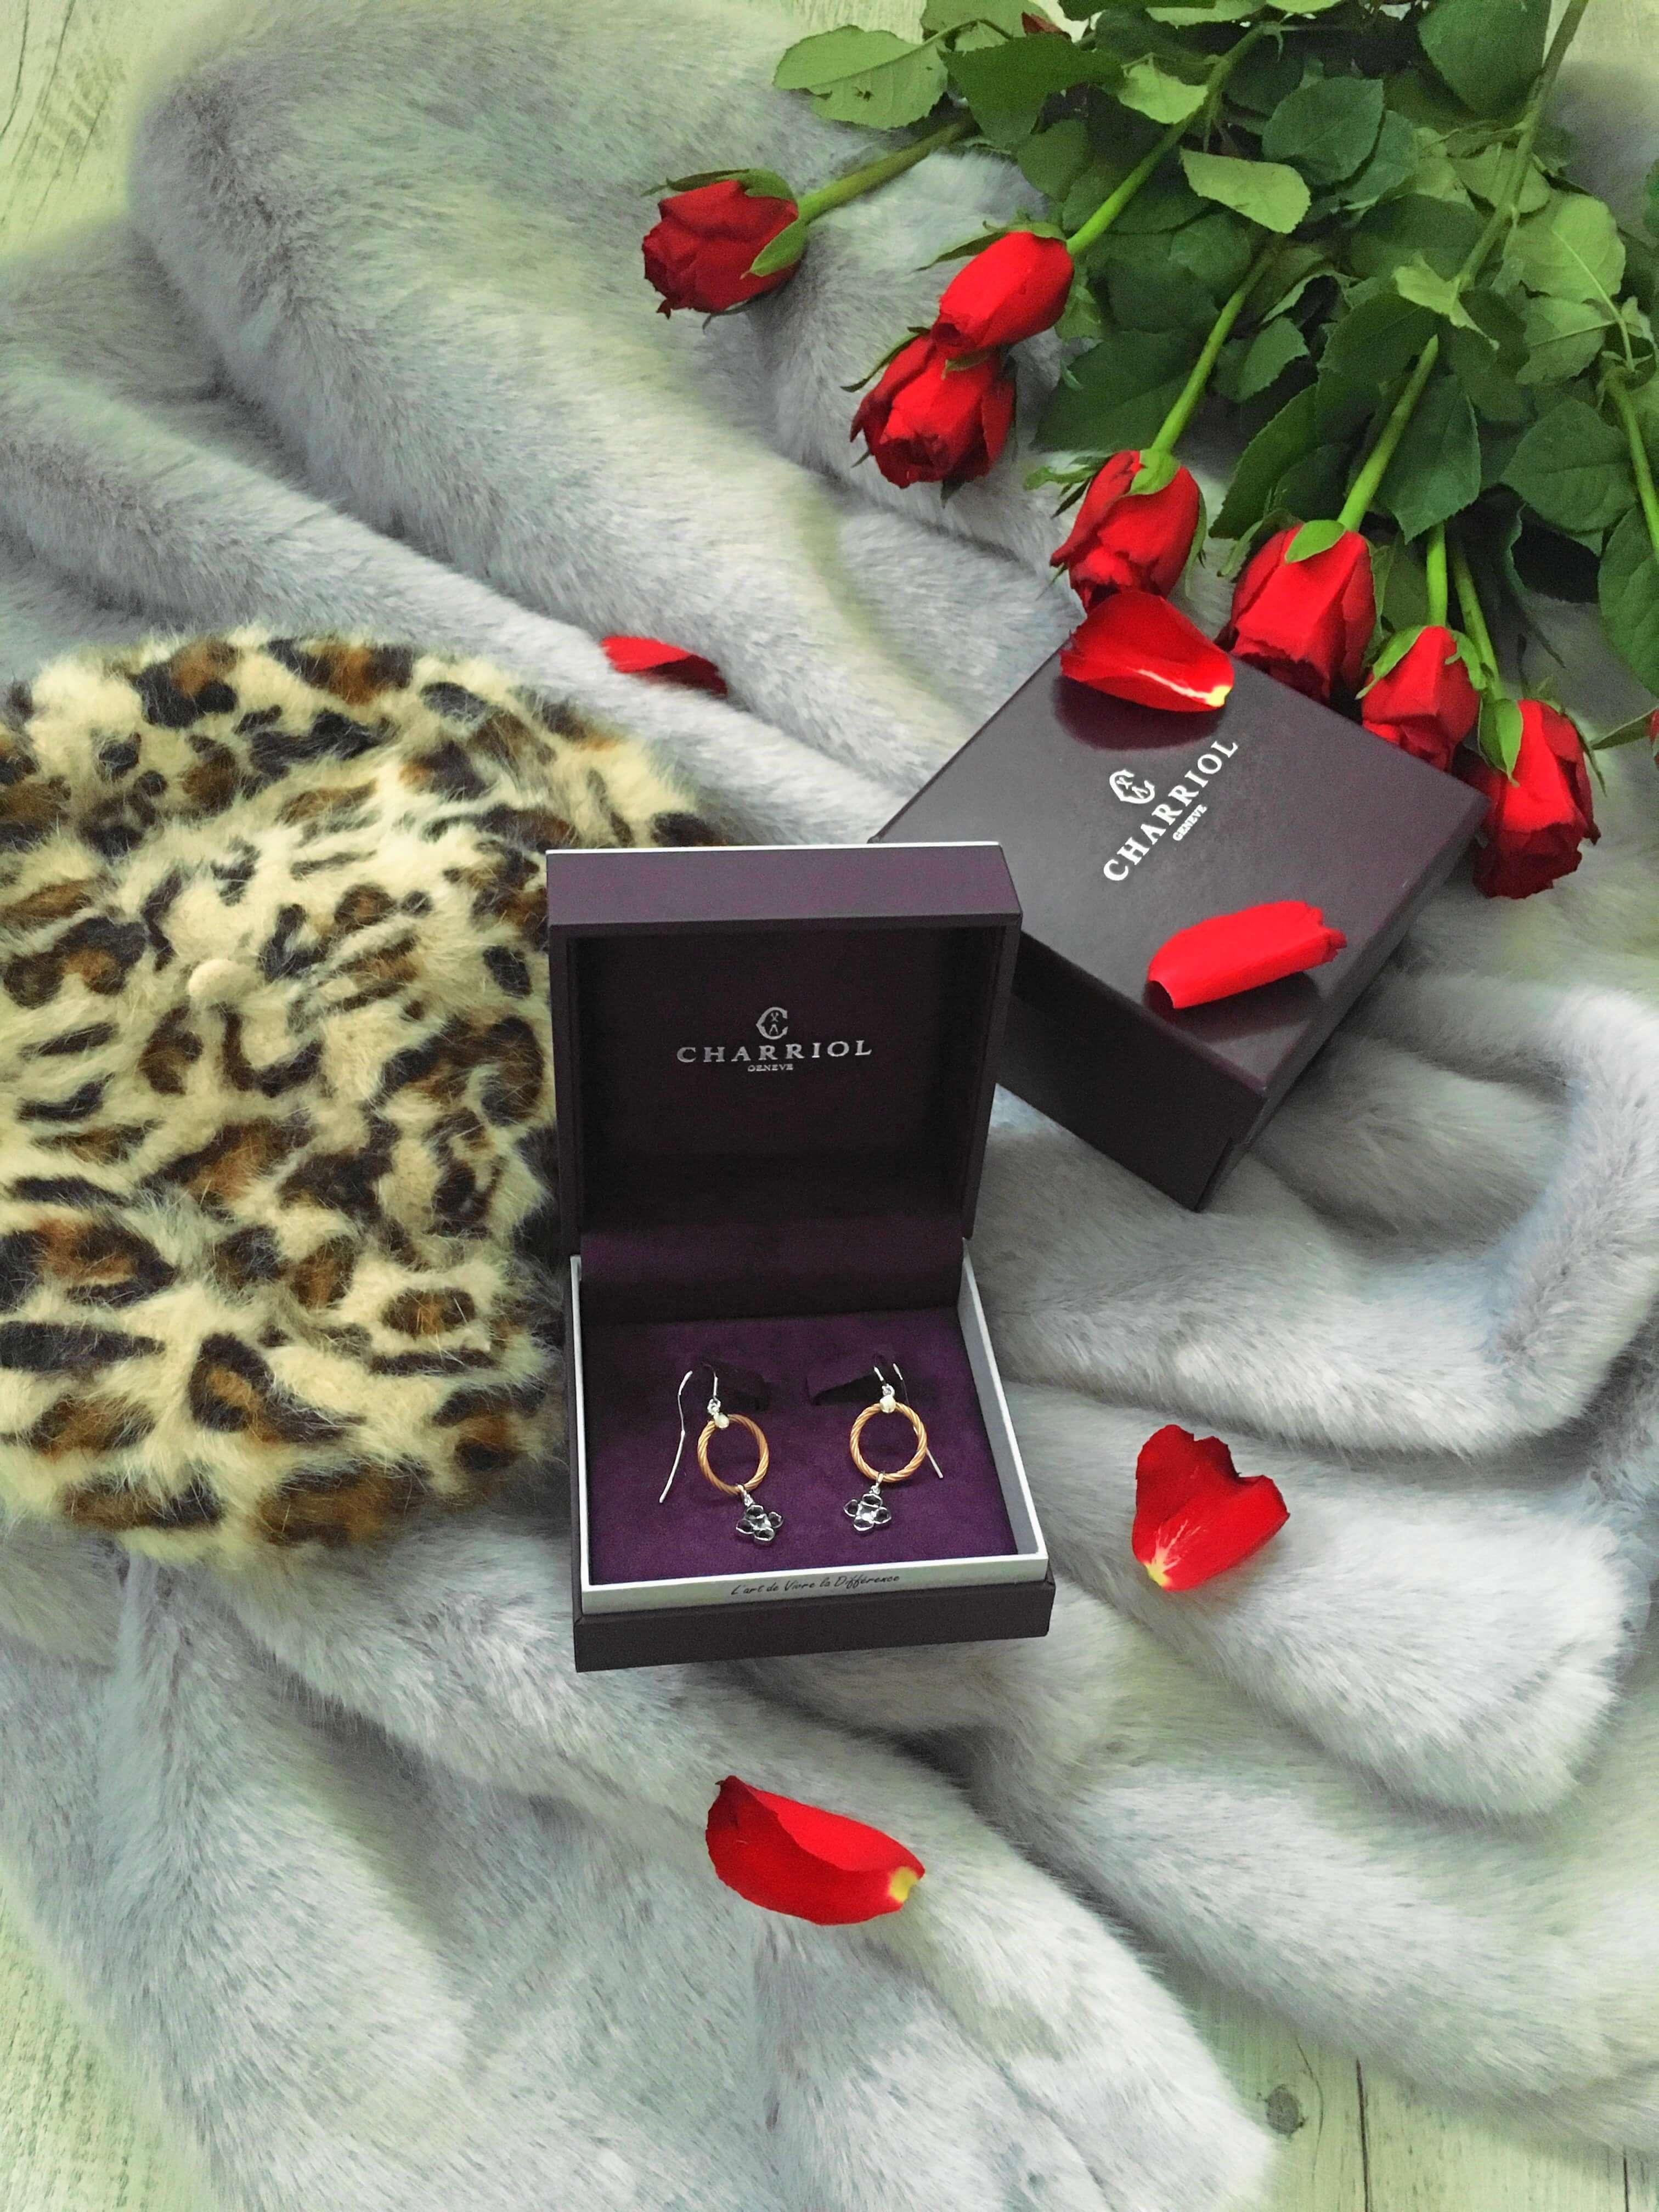 Heute zeige ich euch die edle, neue La Fleur Kollektion von Charriol passend als Präsent zum Valentinstag und stelle die Luxusmarke näher auf dem Blog vor